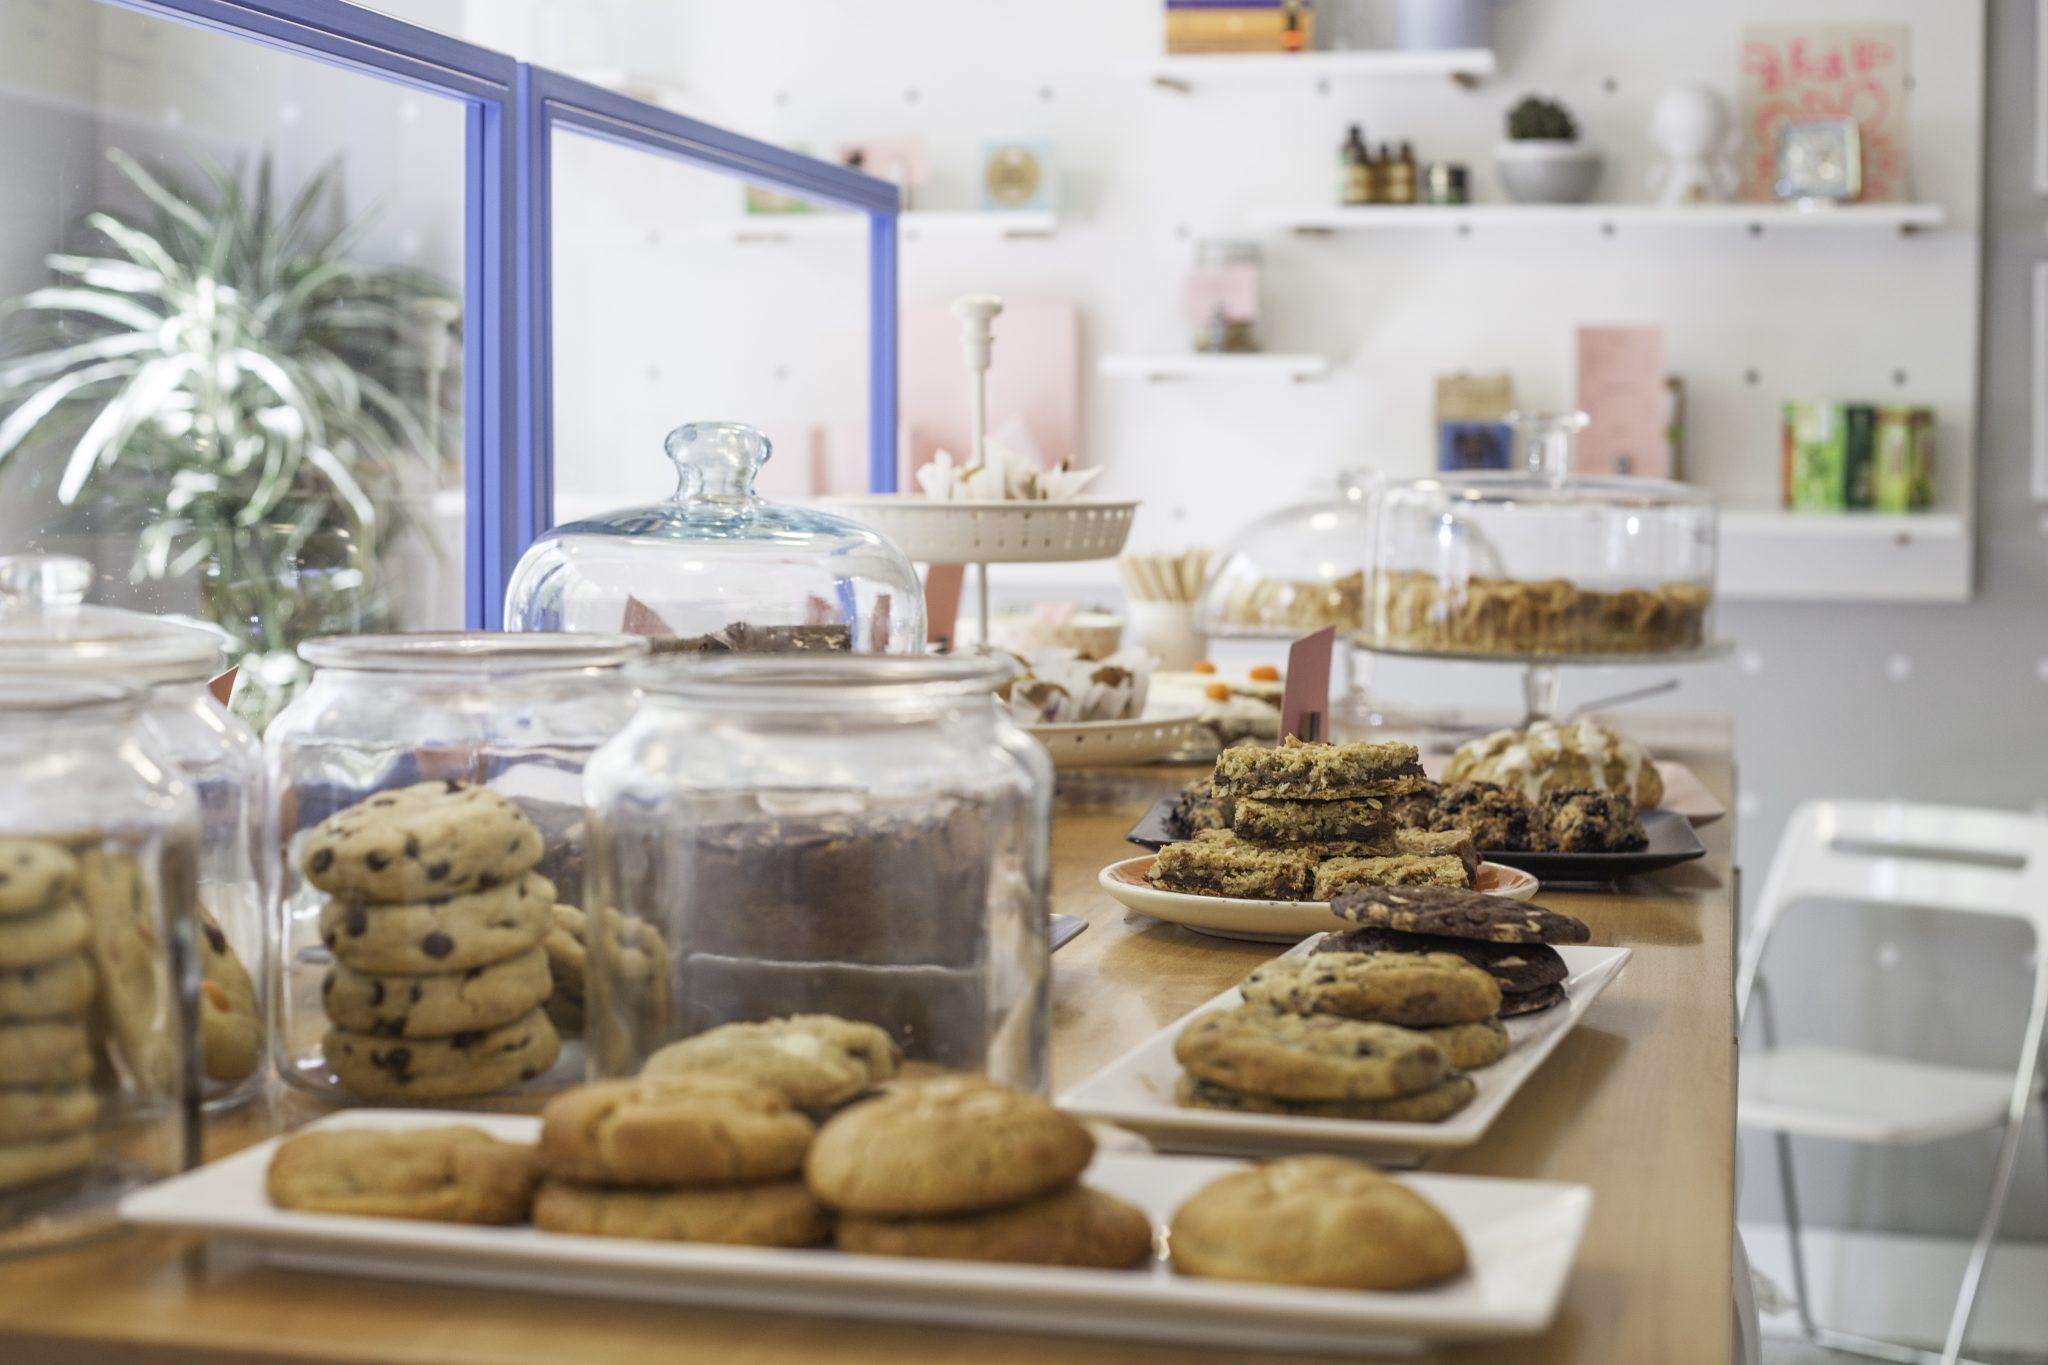 ispeci pa reci pastry shop